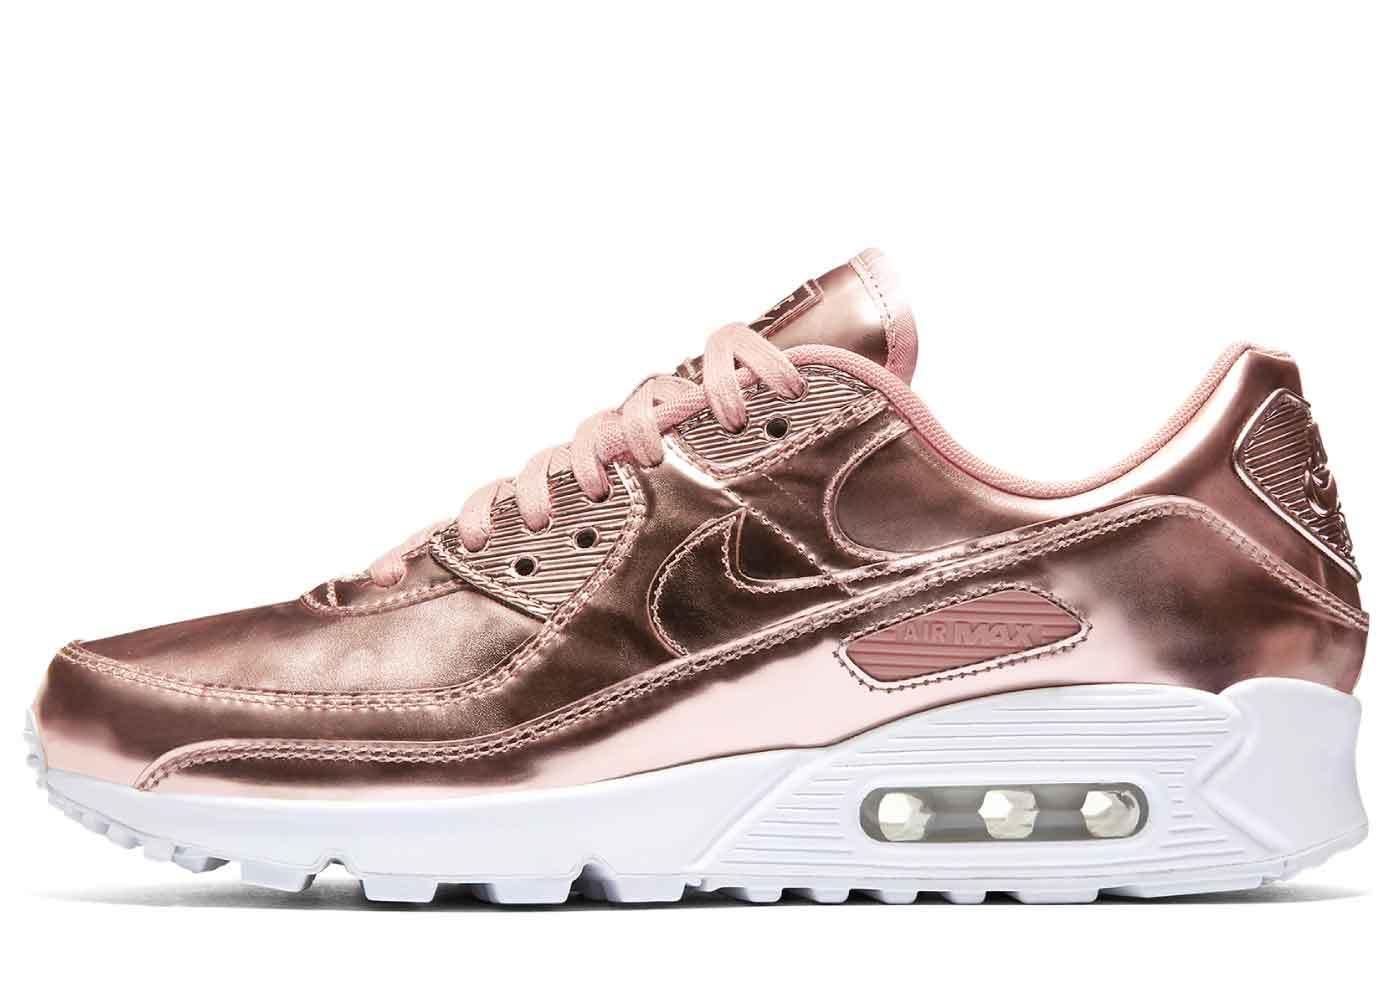 Nike Air Max 90 Rose Gold Womensの写真